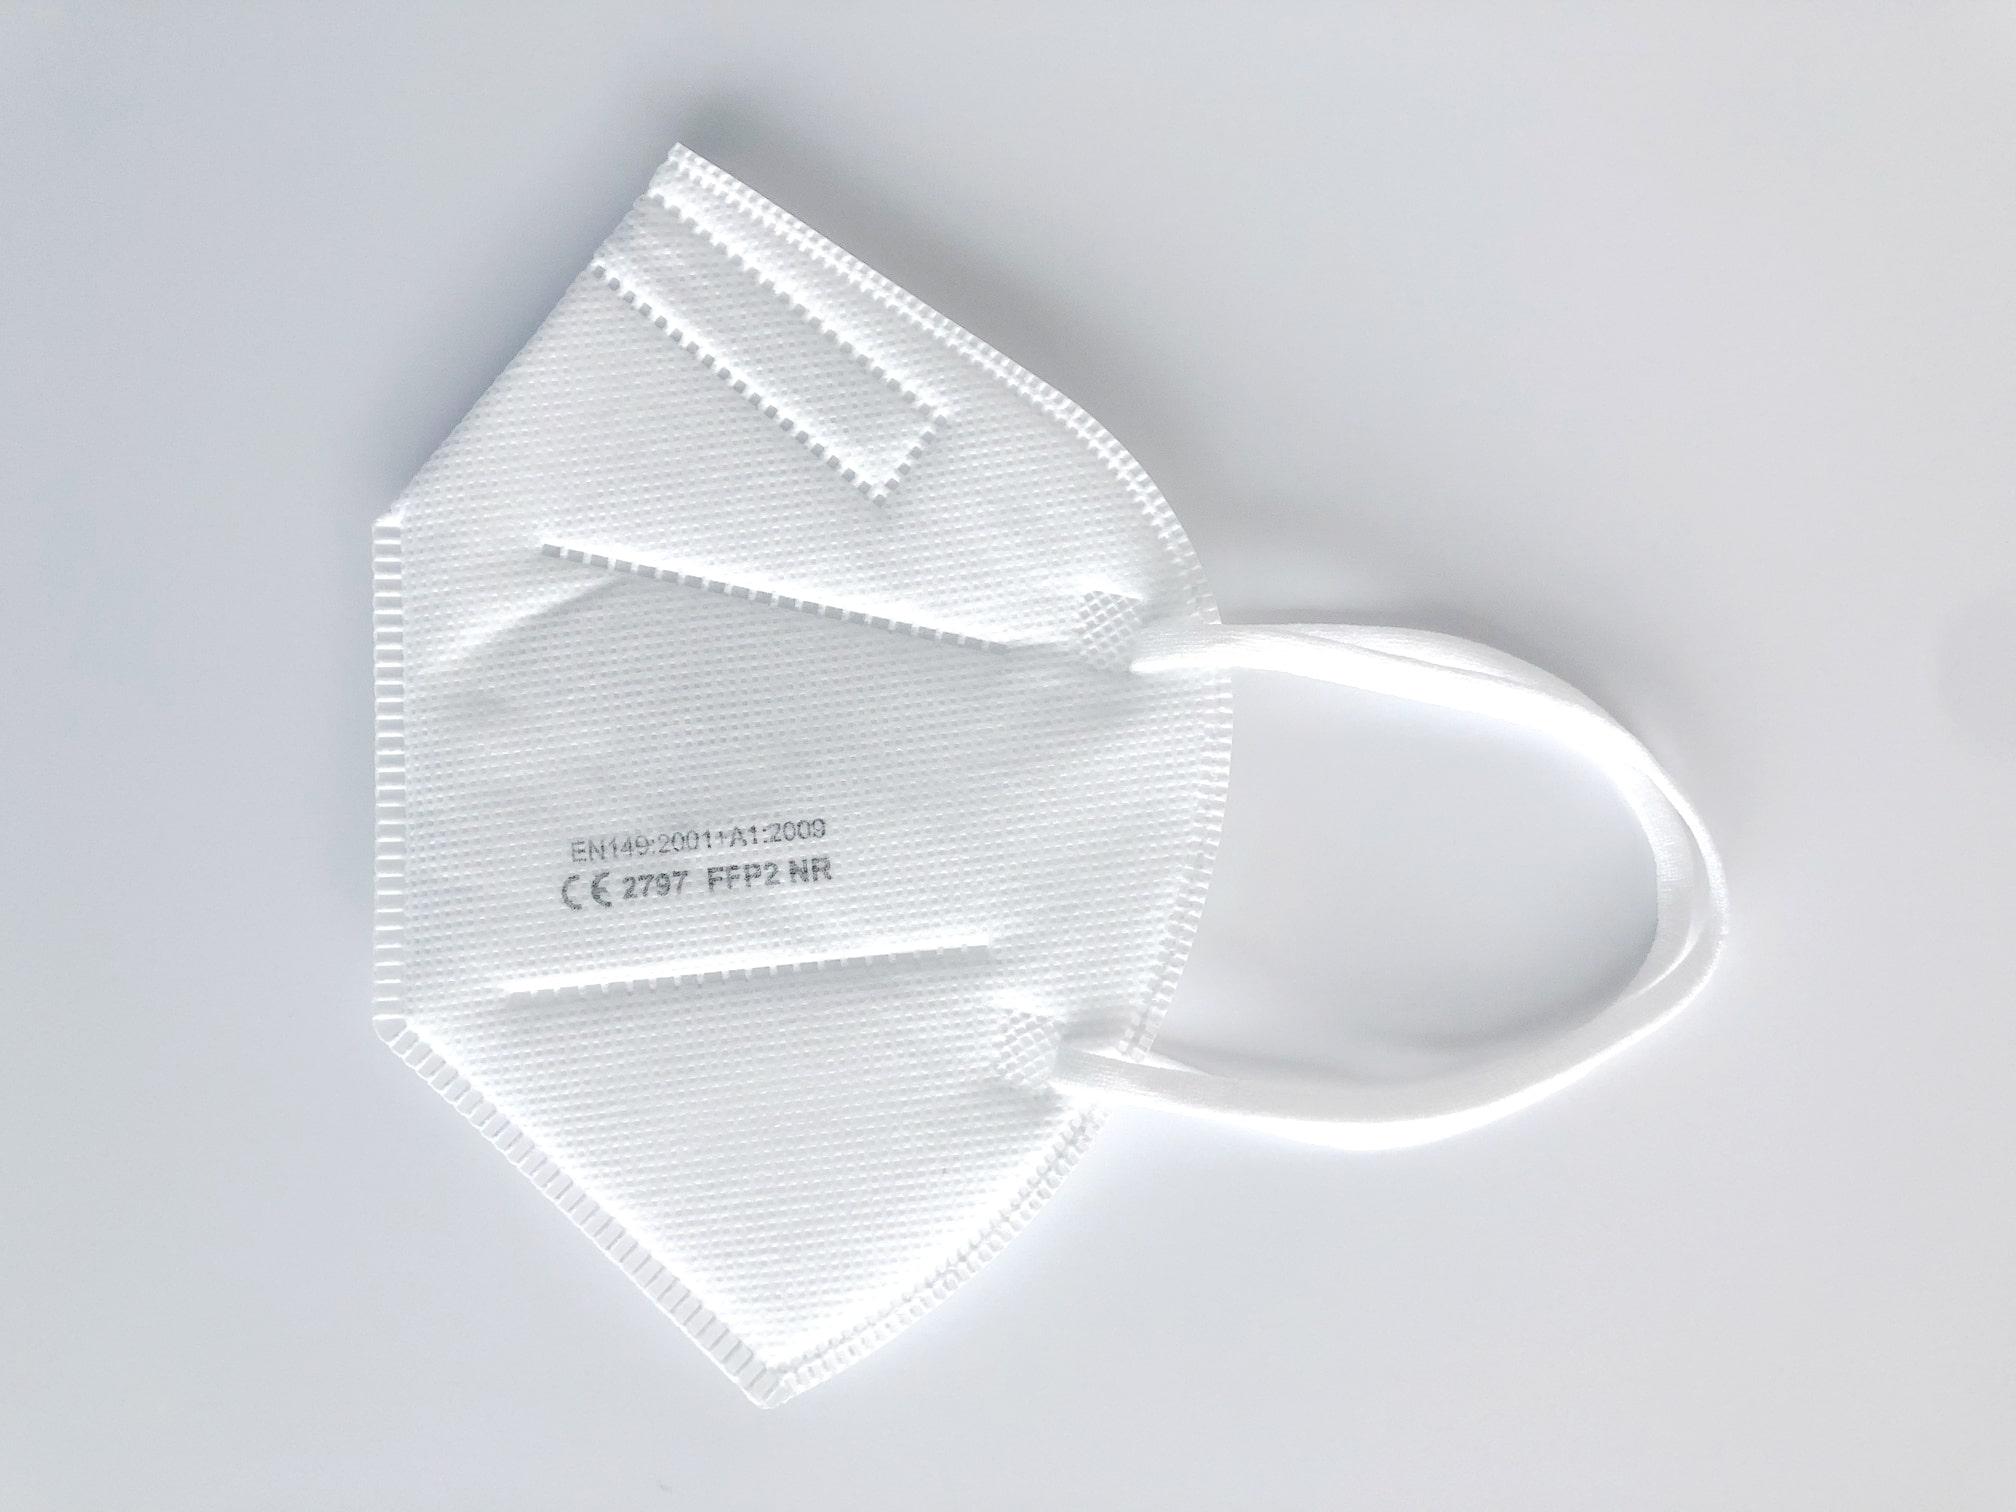 Schutzmaske bei Gastronomie-Hygiene Günther Zeman